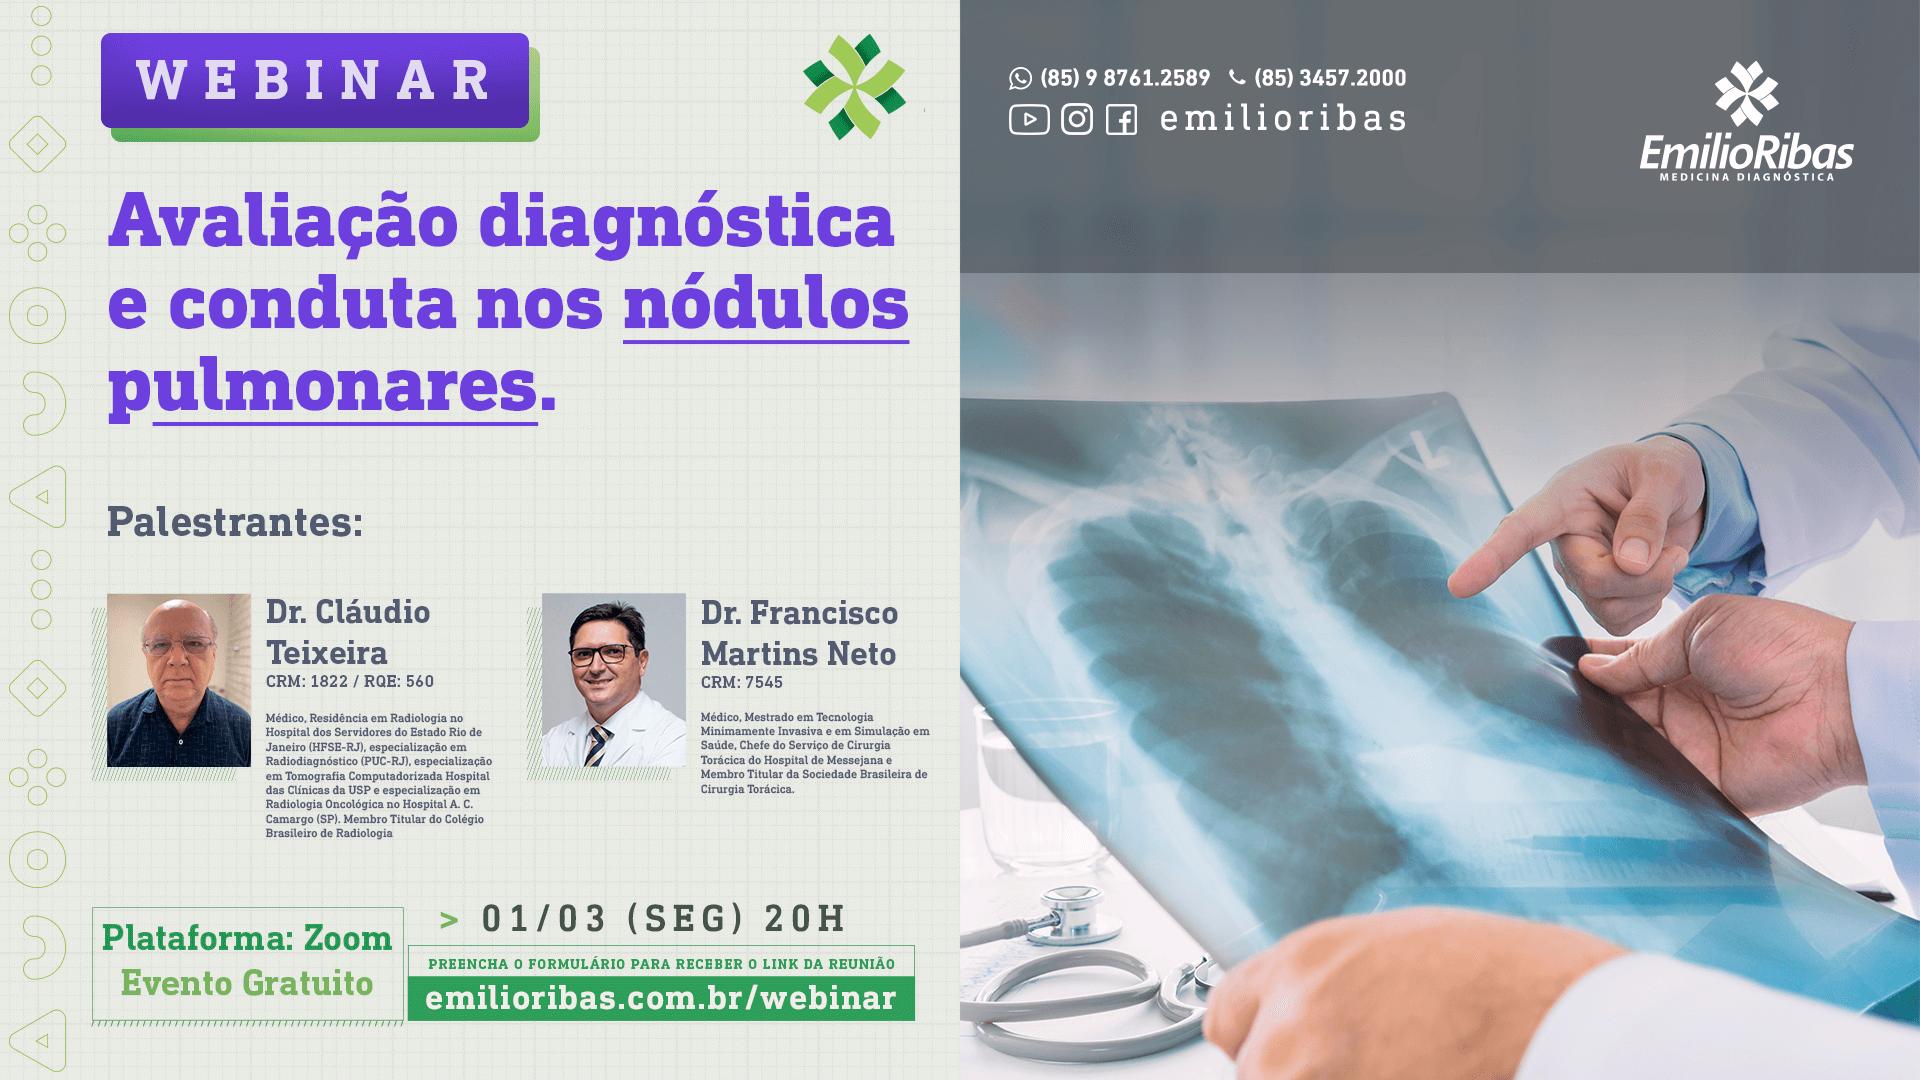 [WEBINAR] Avaliação diagnóstica e conduta nos nódulos pulmonares